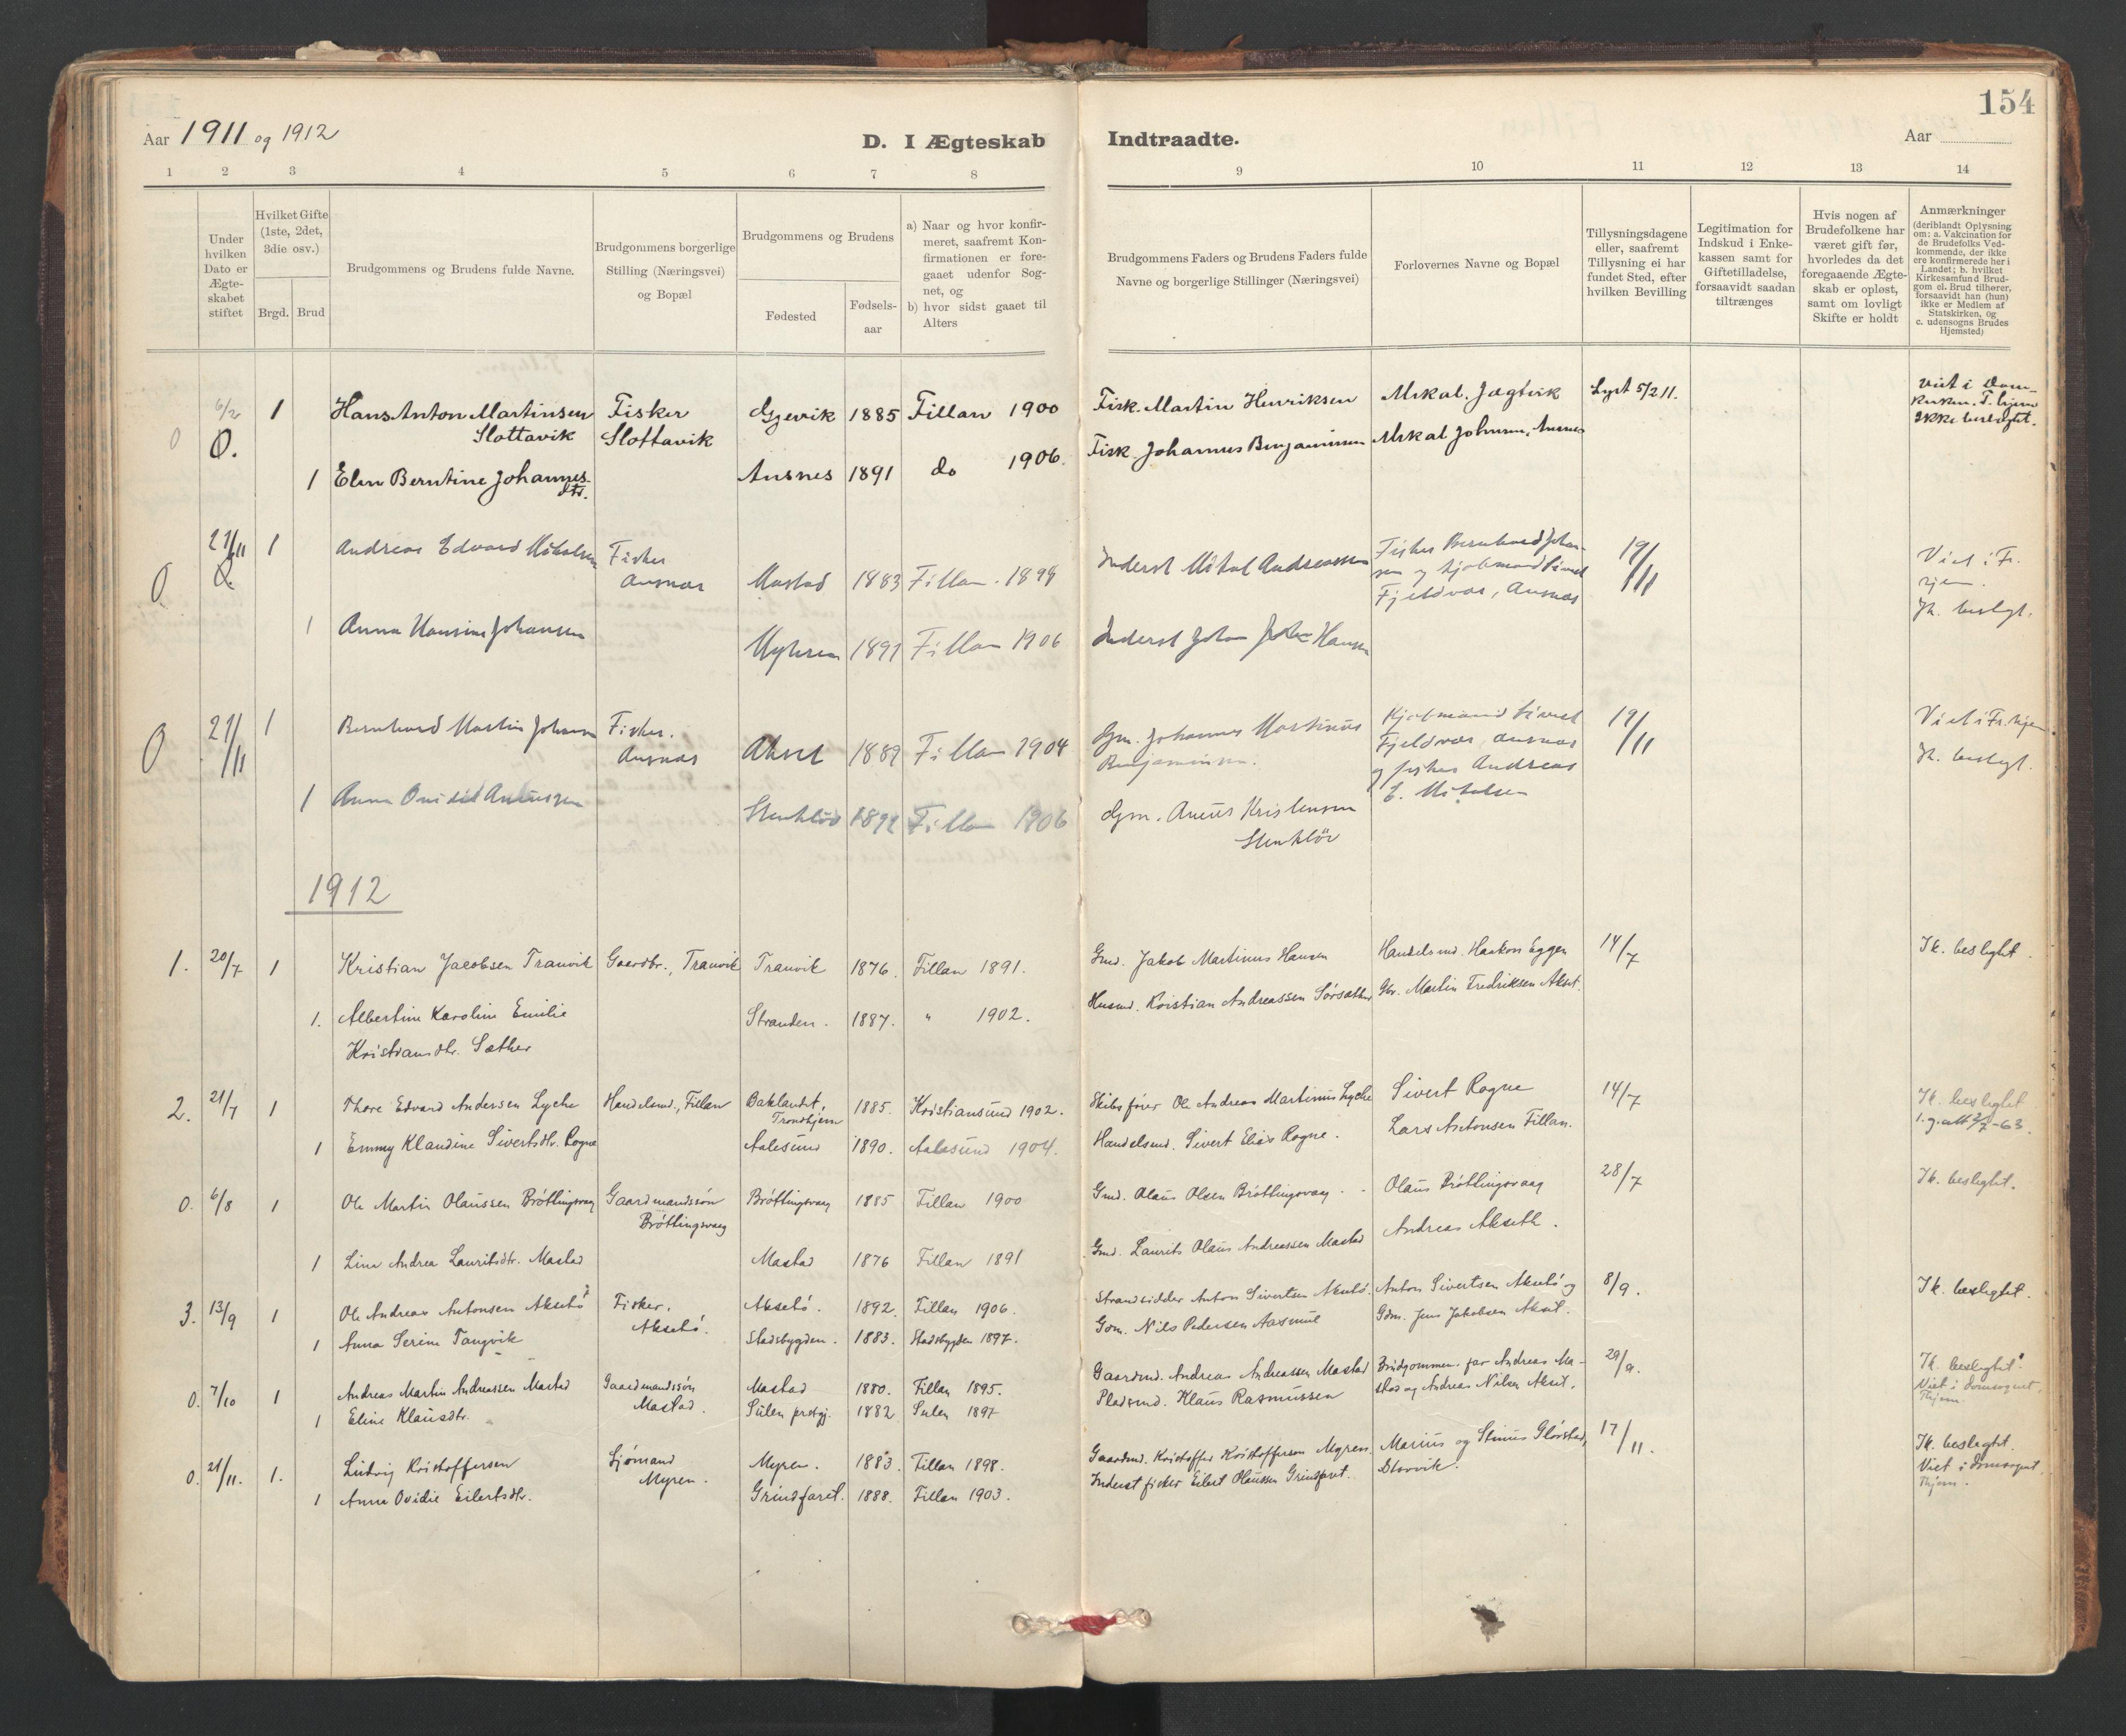 SAT, Ministerialprotokoller, klokkerbøker og fødselsregistre - Sør-Trøndelag, 637/L0559: Ministerialbok nr. 637A02, 1899-1923, s. 154